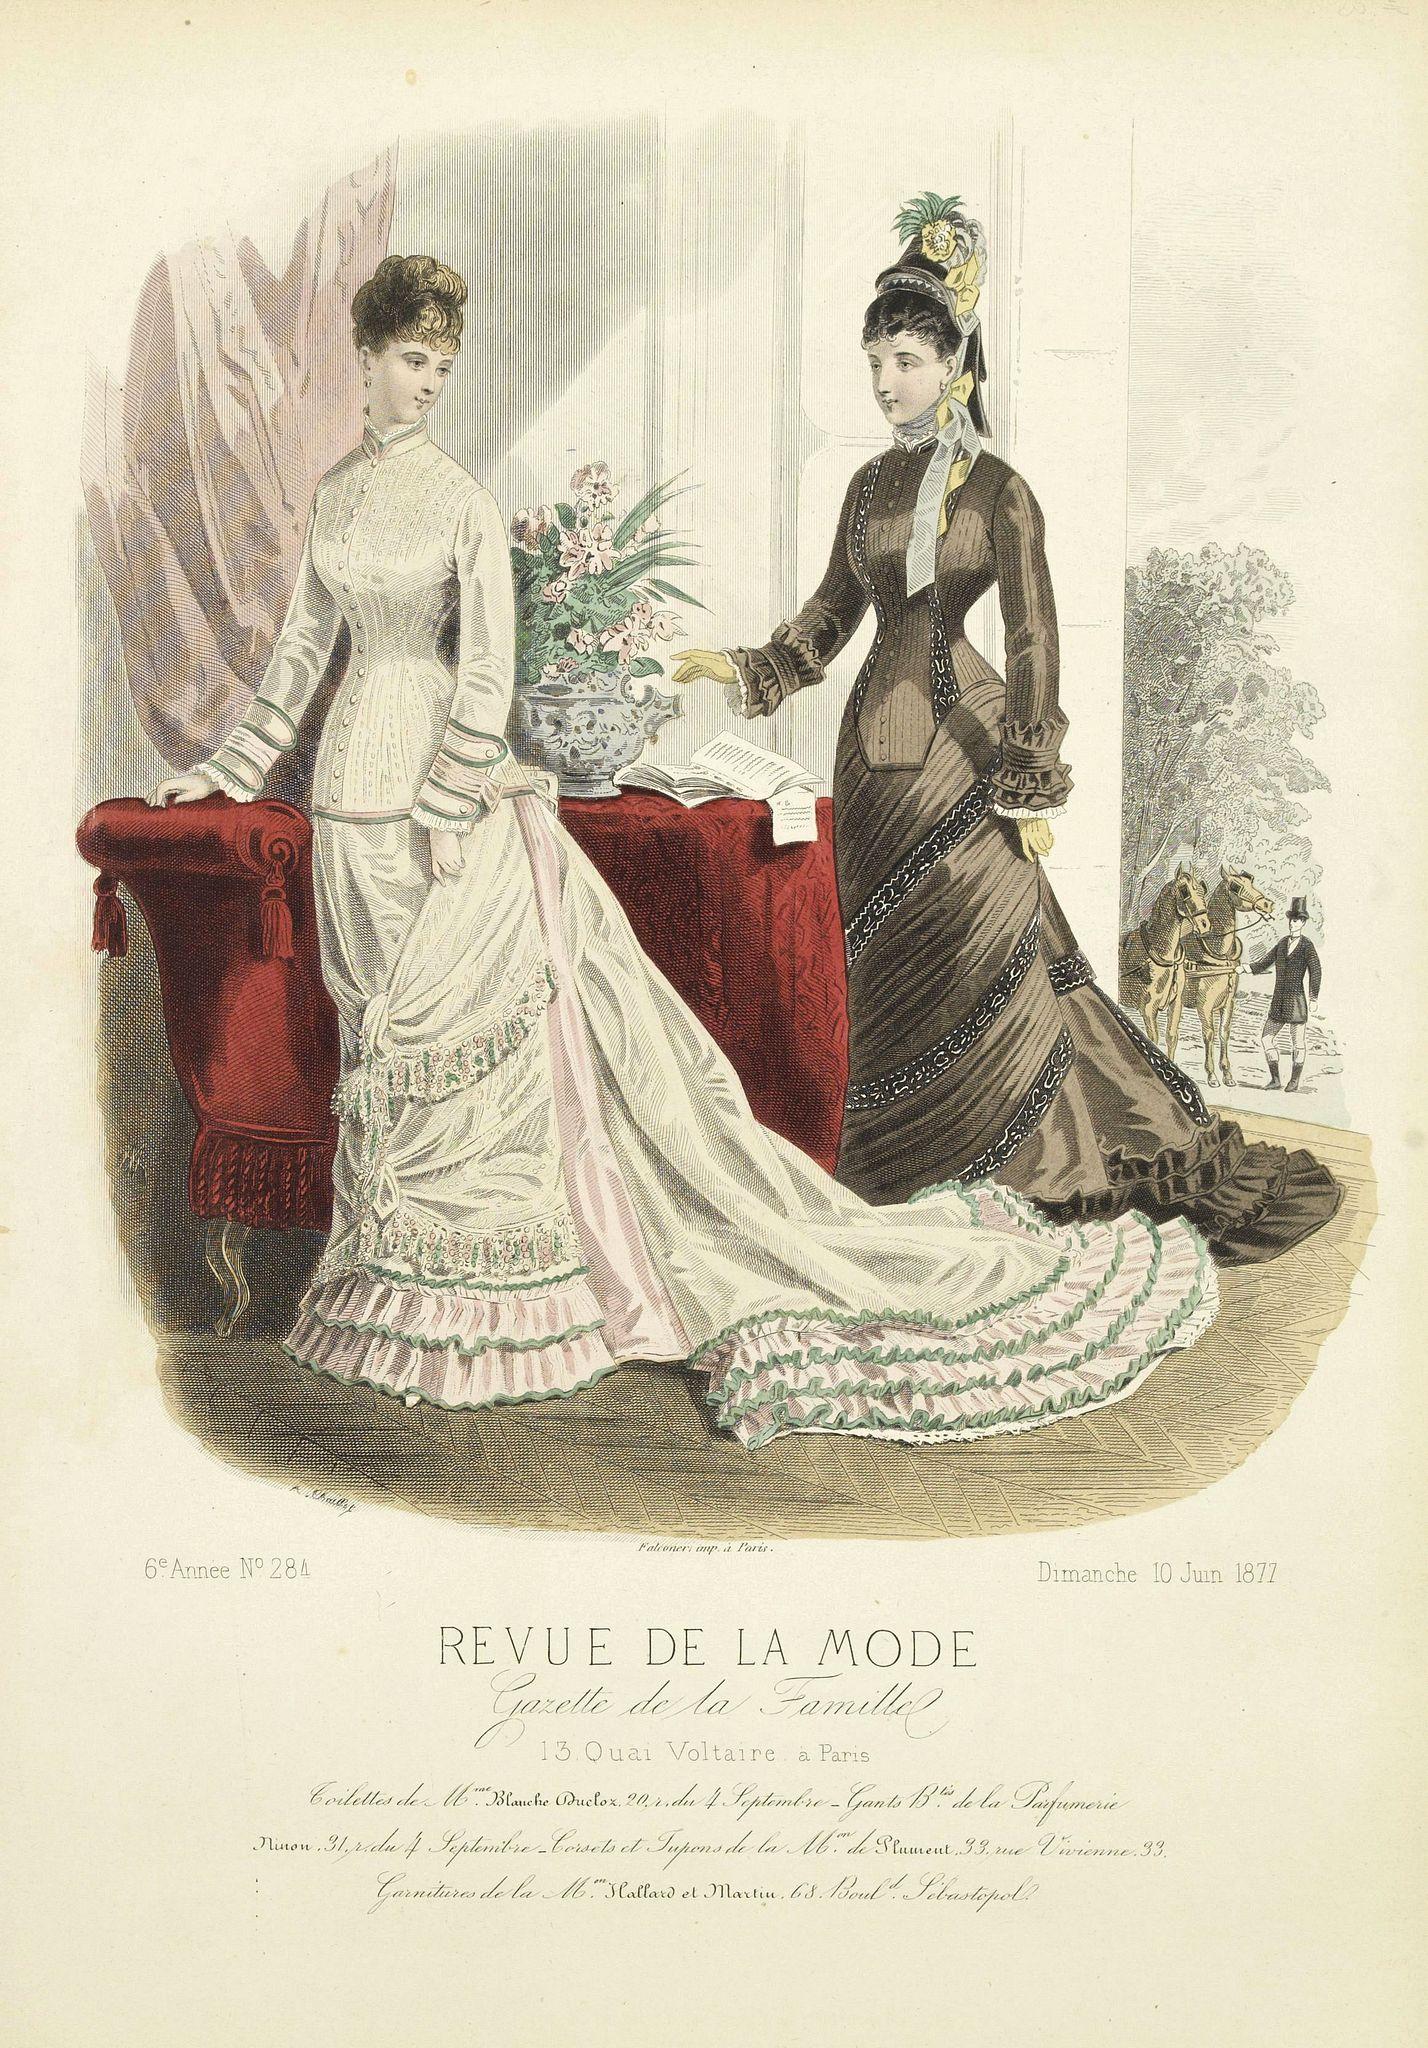 REVUE DE LA MODE -  Paris fashion plate. (284)